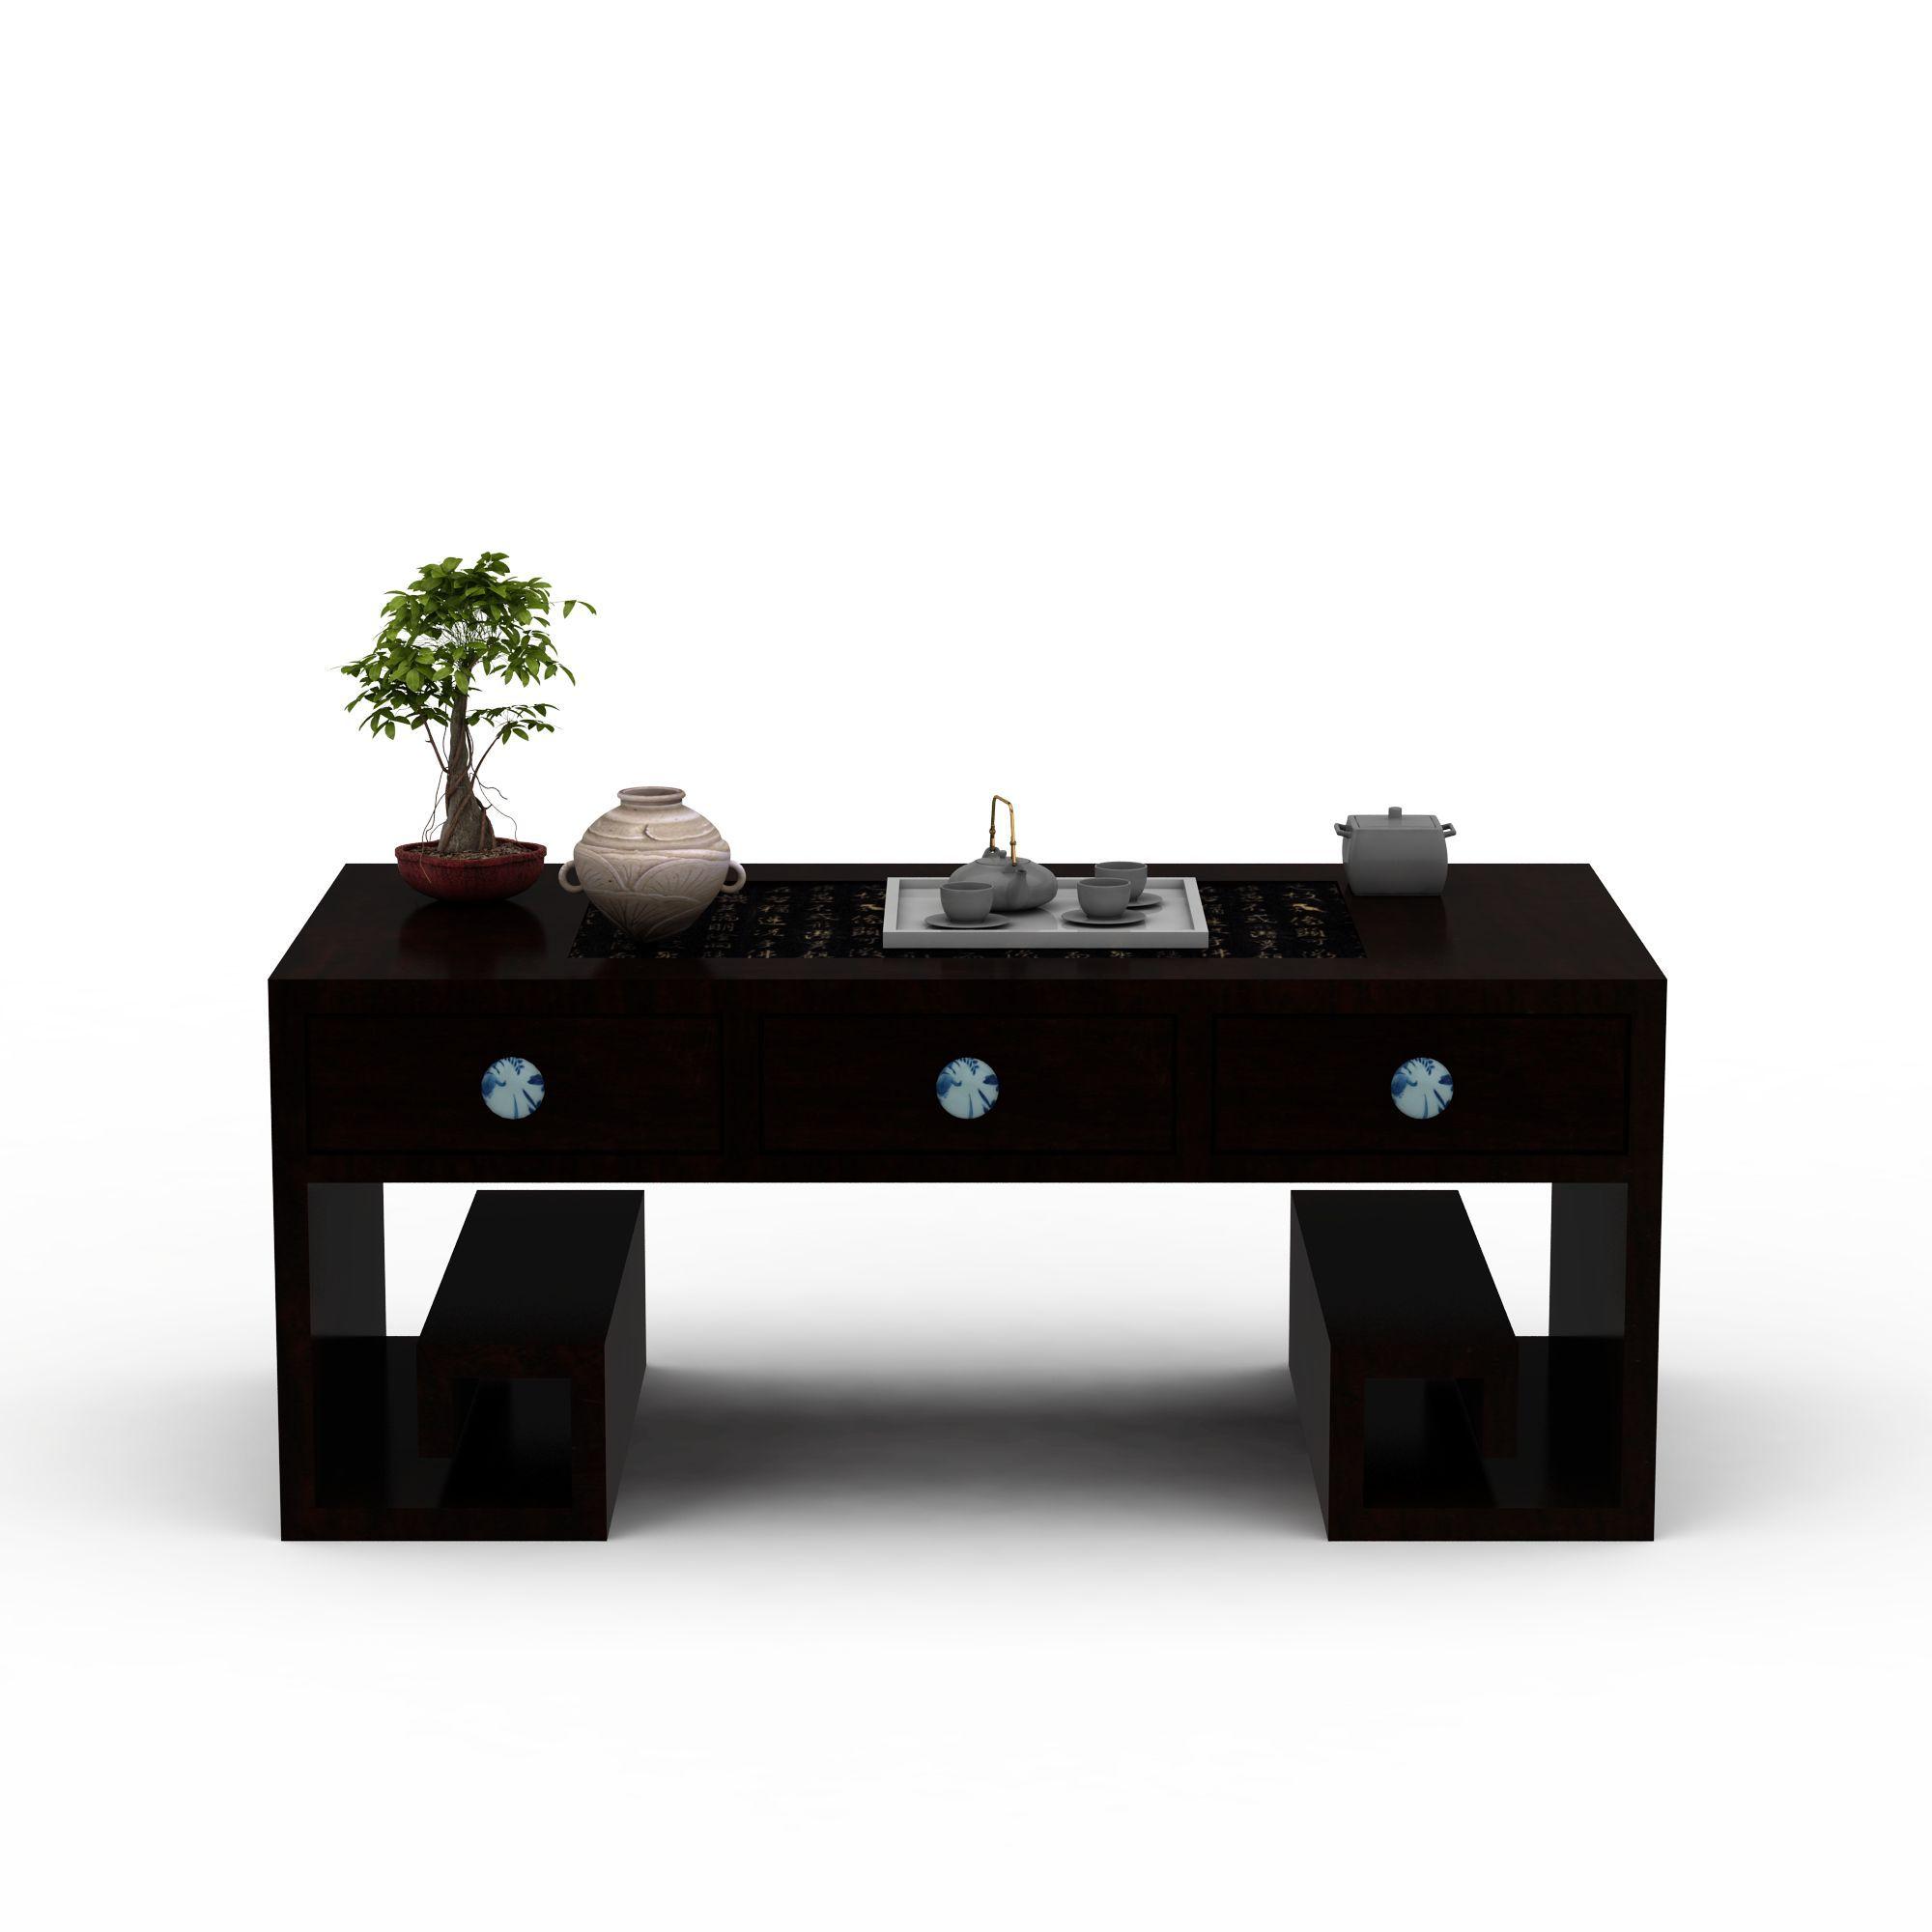 中式桌子图片_中式桌子png图片素材_中式桌子png高清图片